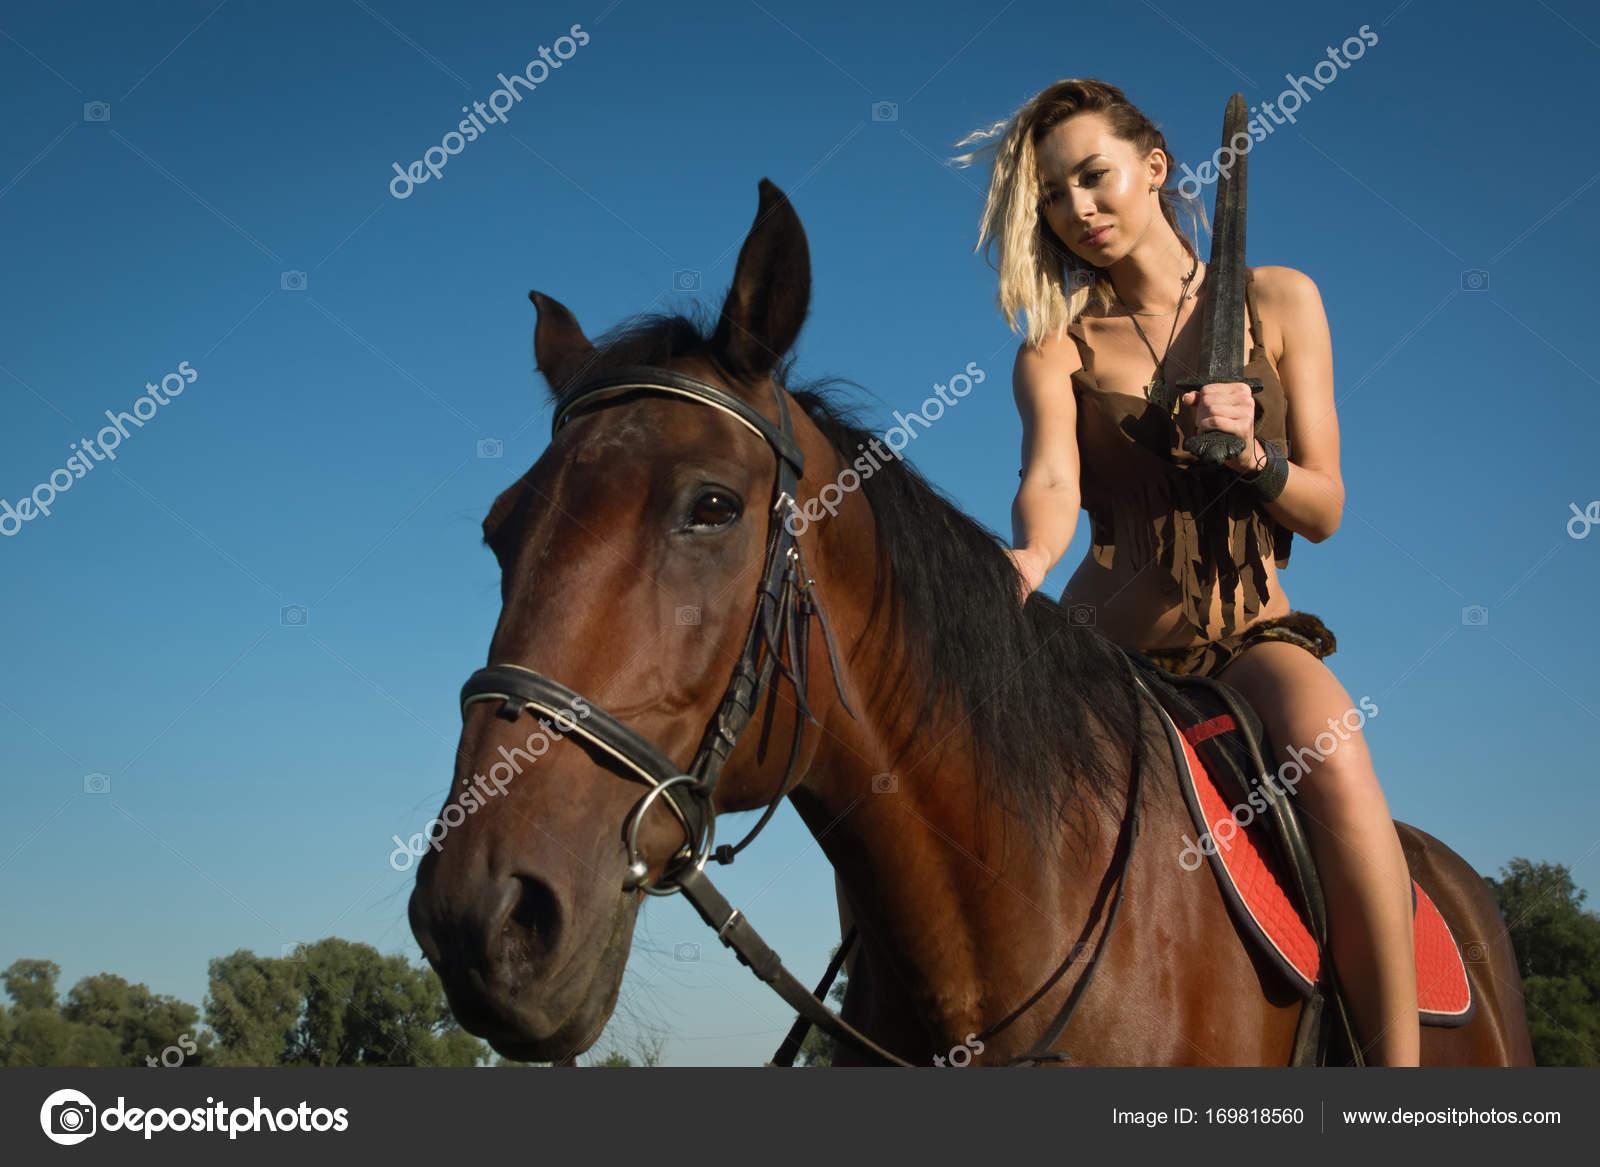 8a6032e51 Chica salvaje Amazona a caballo — Foto de stock © Demian  169818560